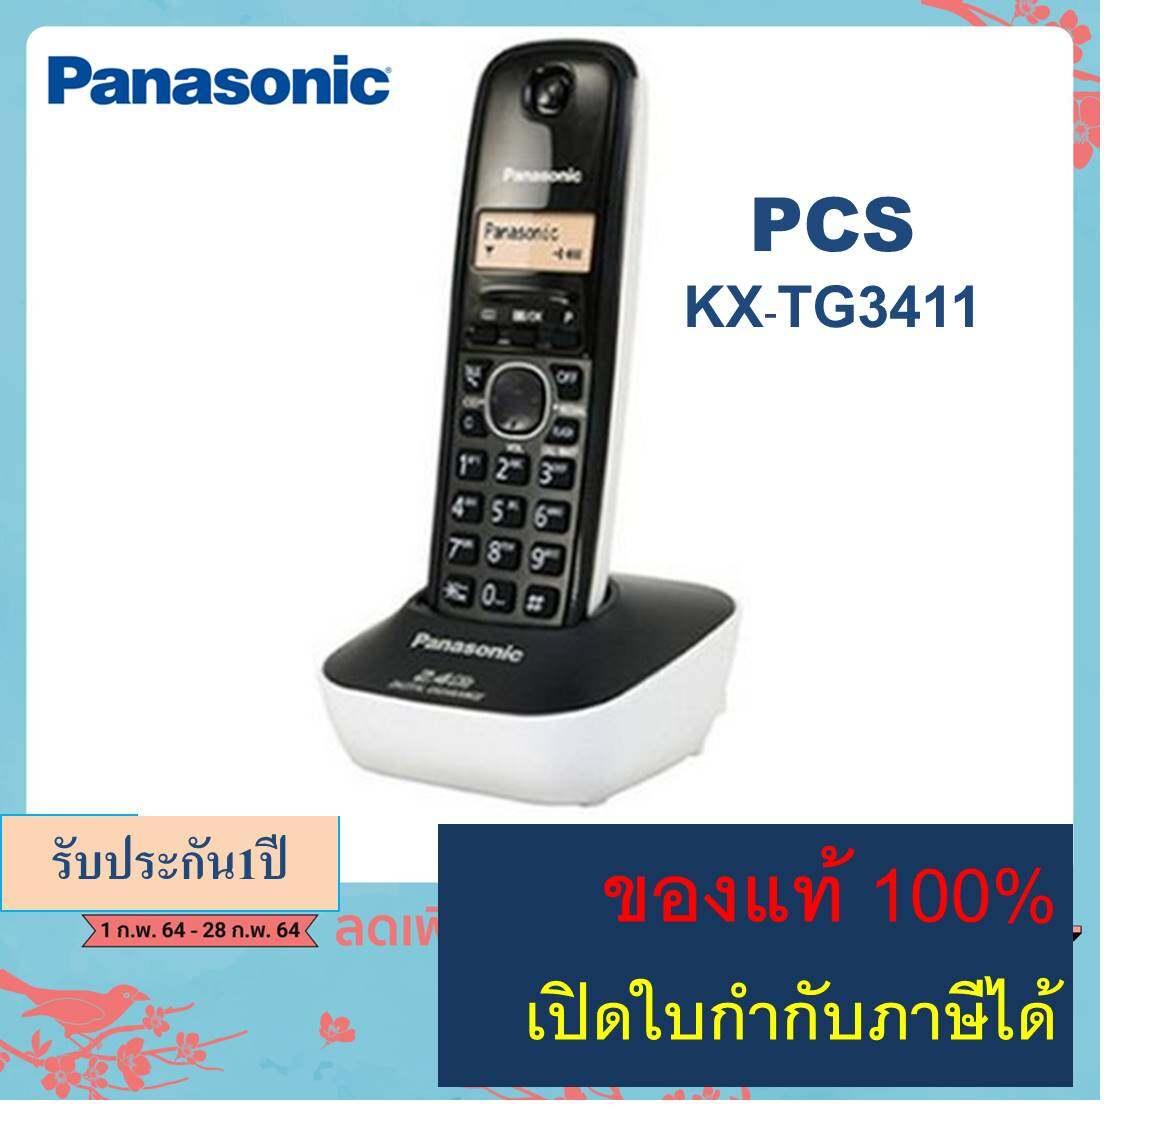 ส่งฟรี-Panasonic โทรศัพท์ไร้สาย KX-TG3411BX Cordless Phone โทรศัพท์บ้าน สำนักงาน ใช้ร่วมกับตู้สาขาได้